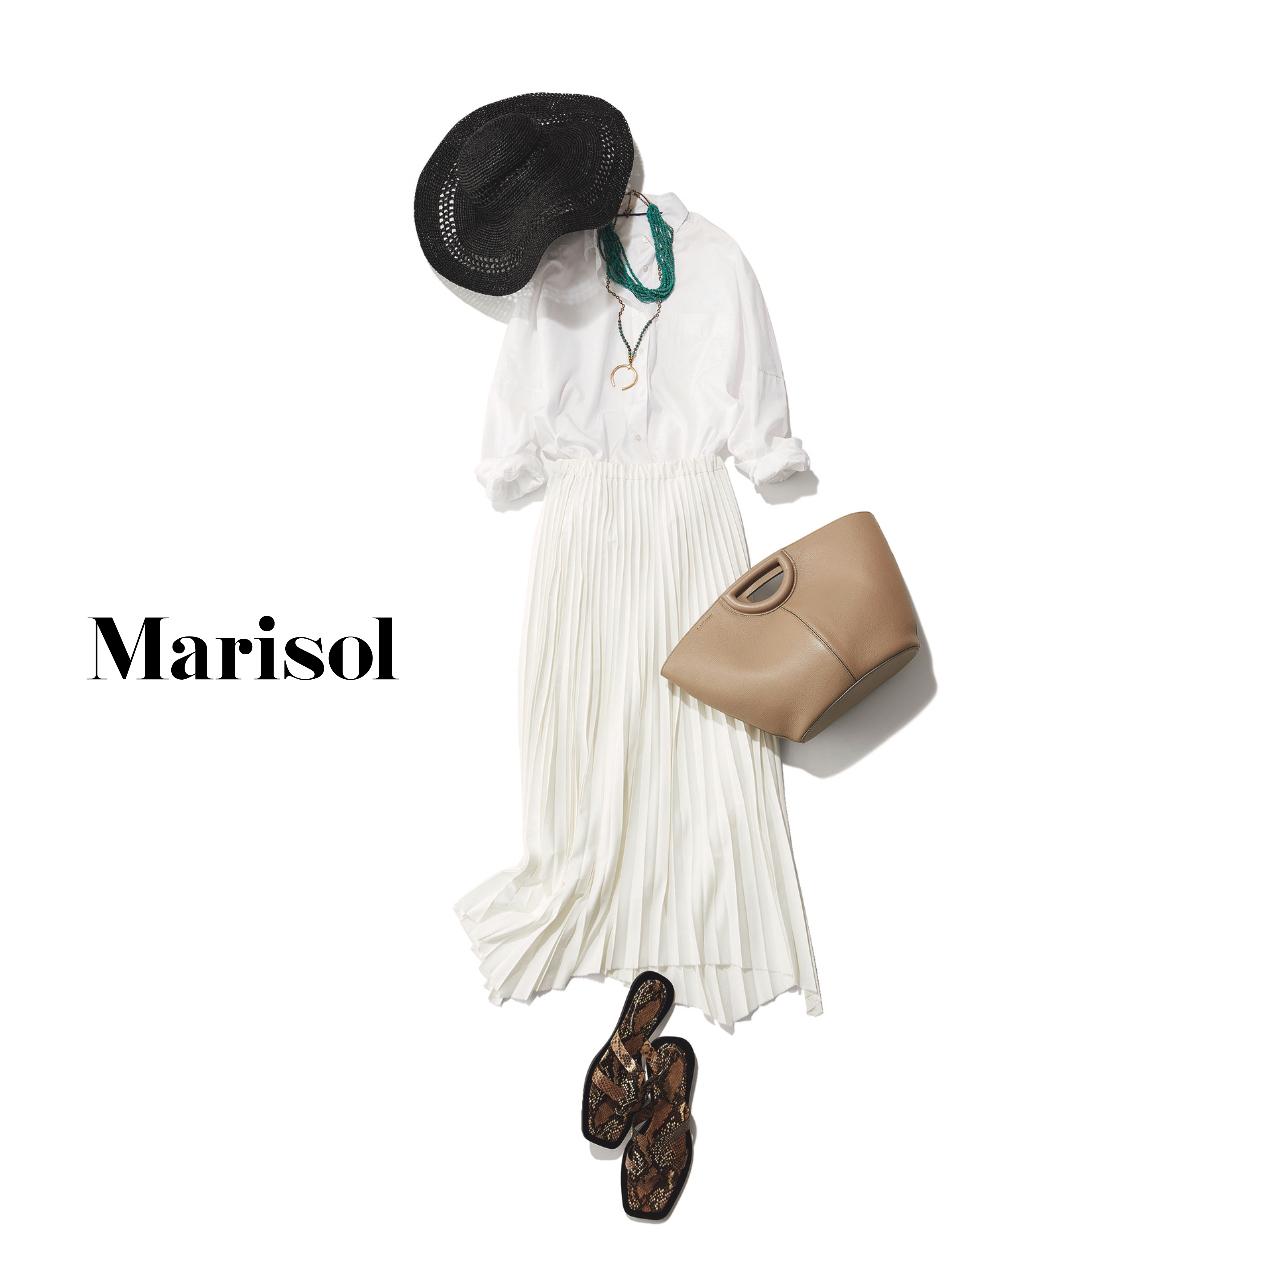 40代ファッション  黒帽子×白シャツ×白プリーツスカート×サンダルコーデ